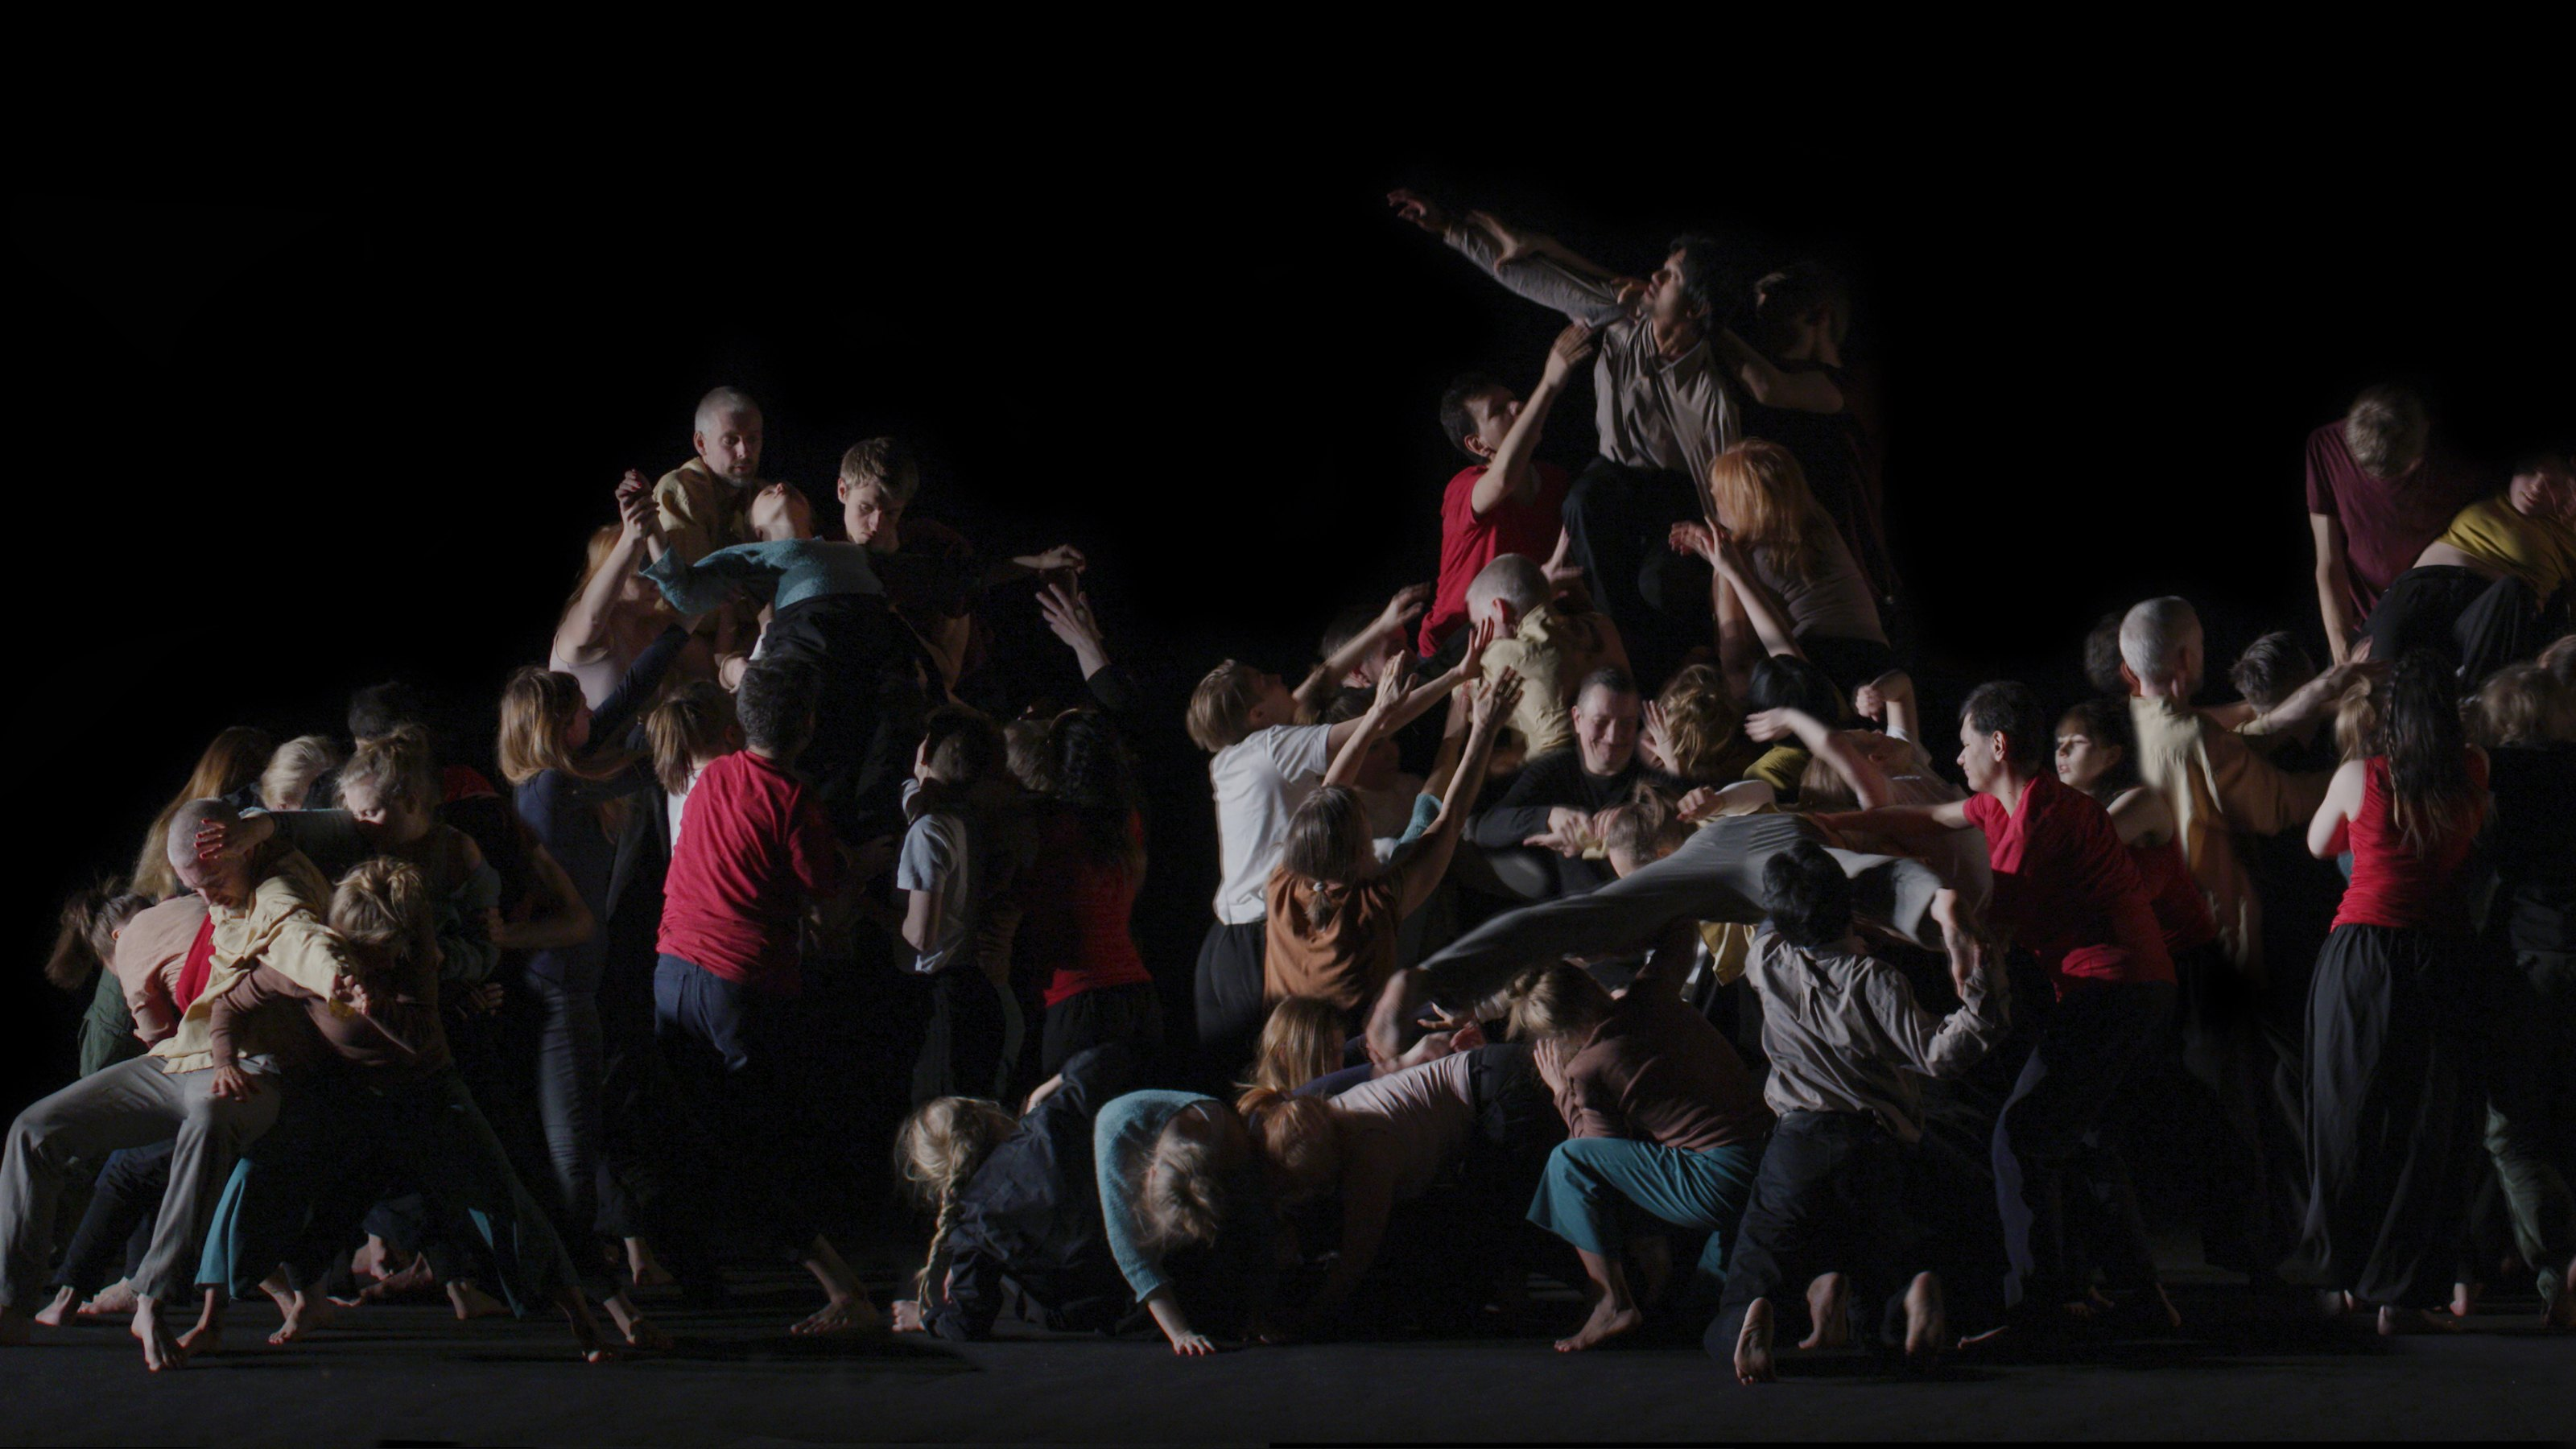 Kuvassa on lukuisia tanssijoita eri asennoissa mustaa taustaa vasten. Kyseessä on Juhana Moisanderin Ethology of a Man -teoksesta otettu still-kuva.